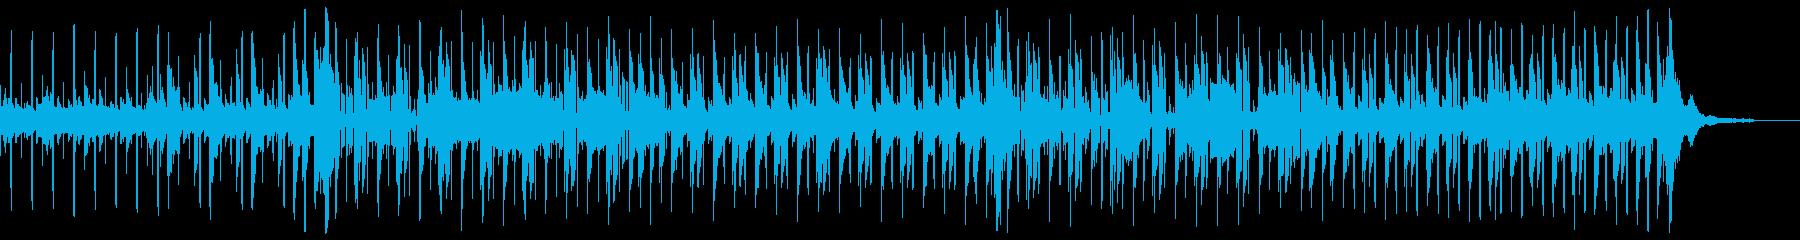 ゆったりまったりチル系Hip Hopの再生済みの波形